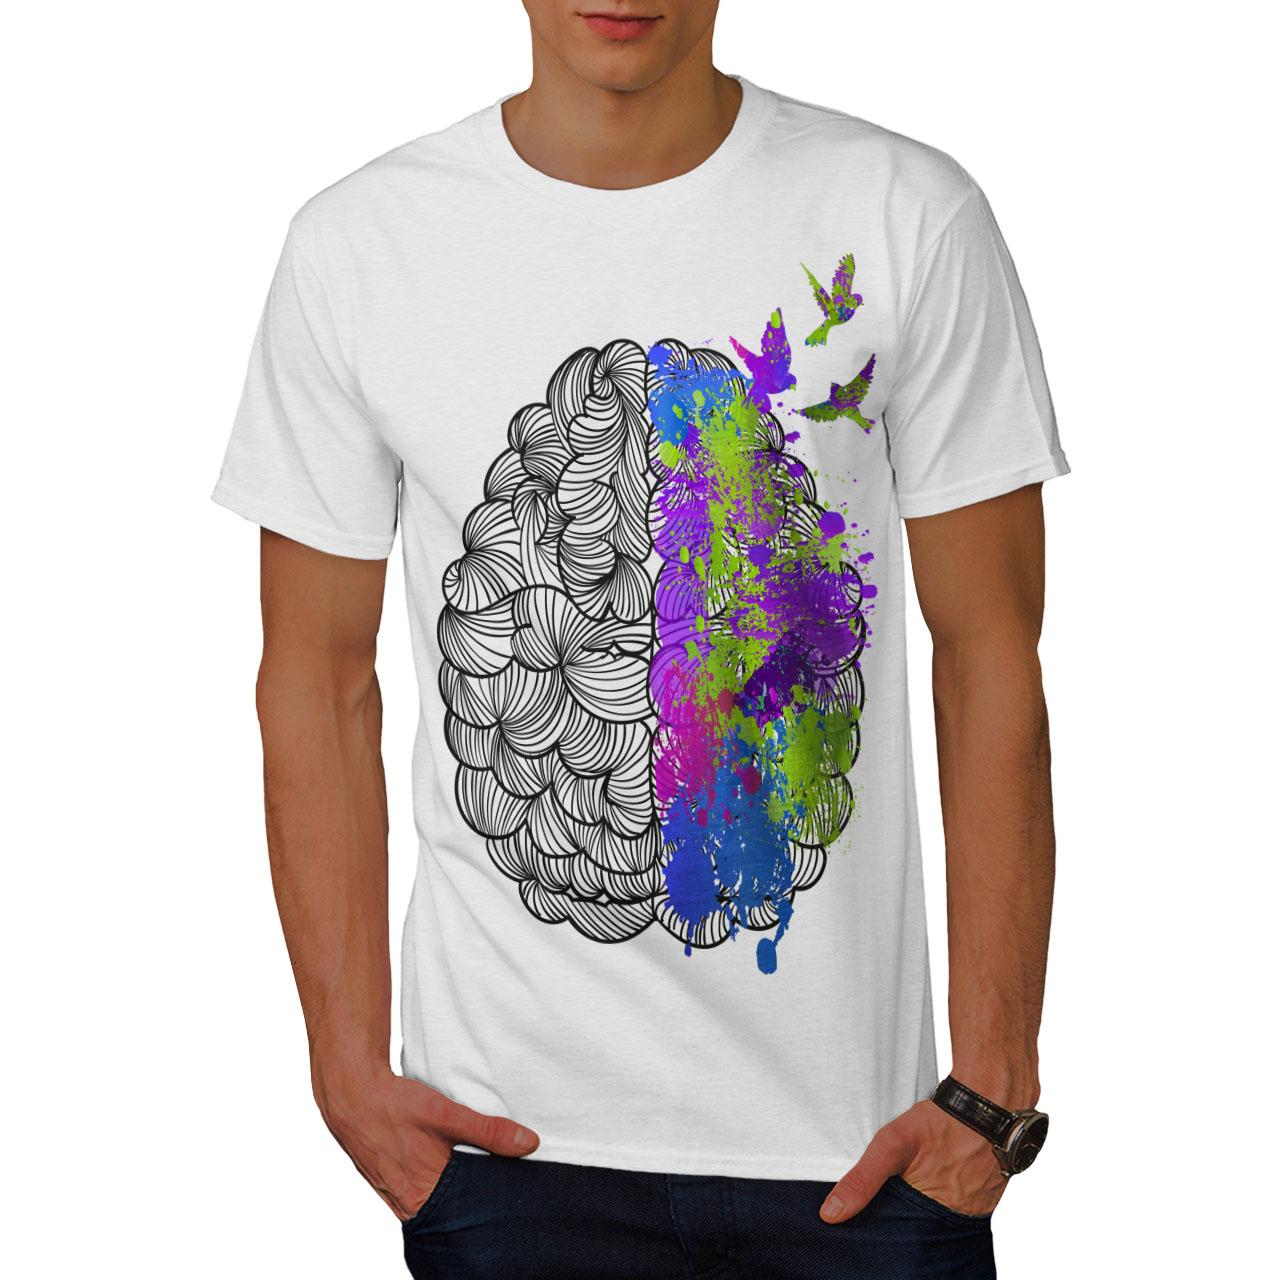 Wellcoda Colorful Brain Art Mens T Shirt Anatomy Graphic Design